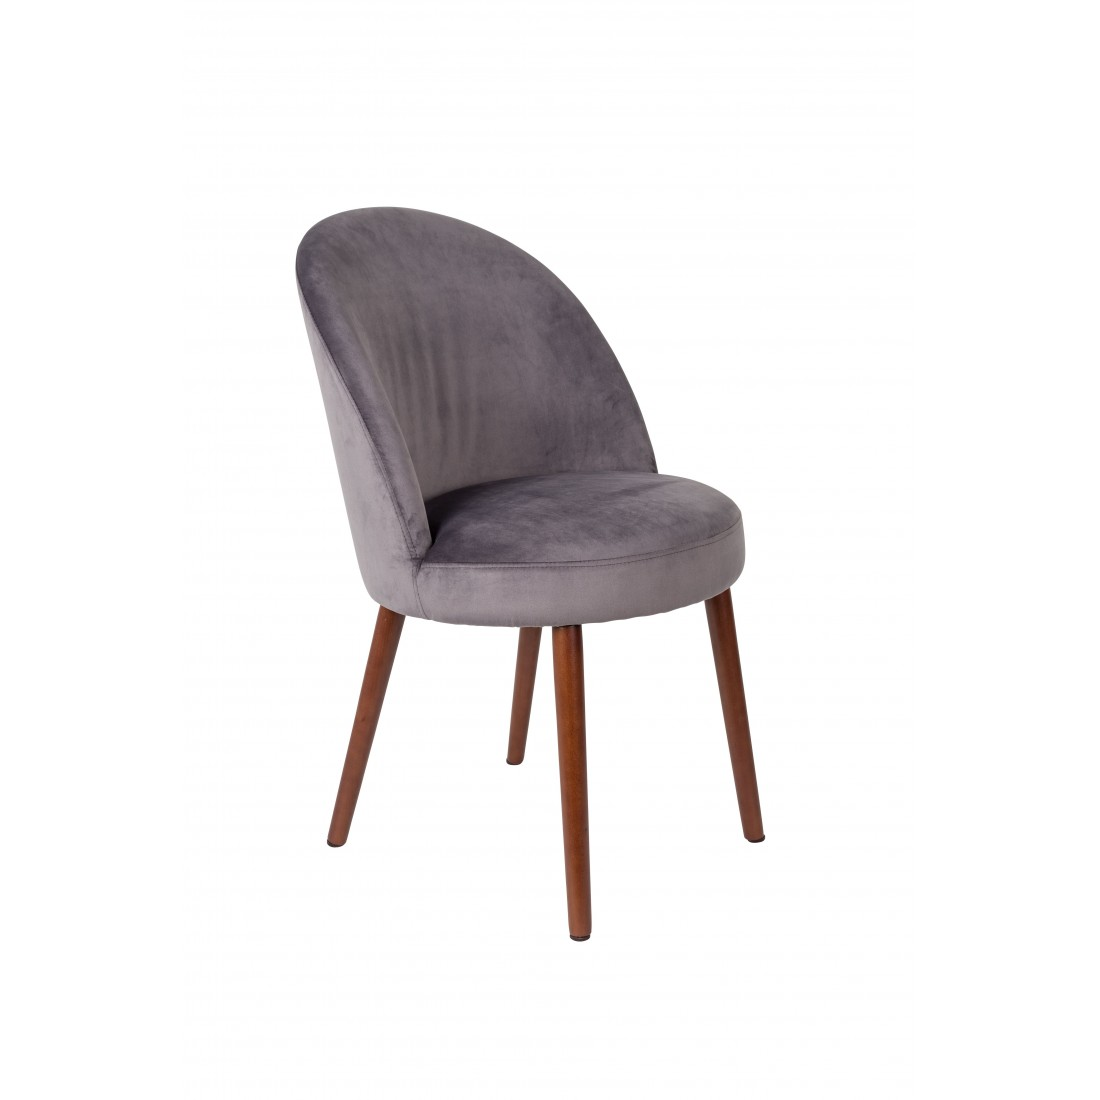 Chaise en velours Gris Barbara - Dutchbone